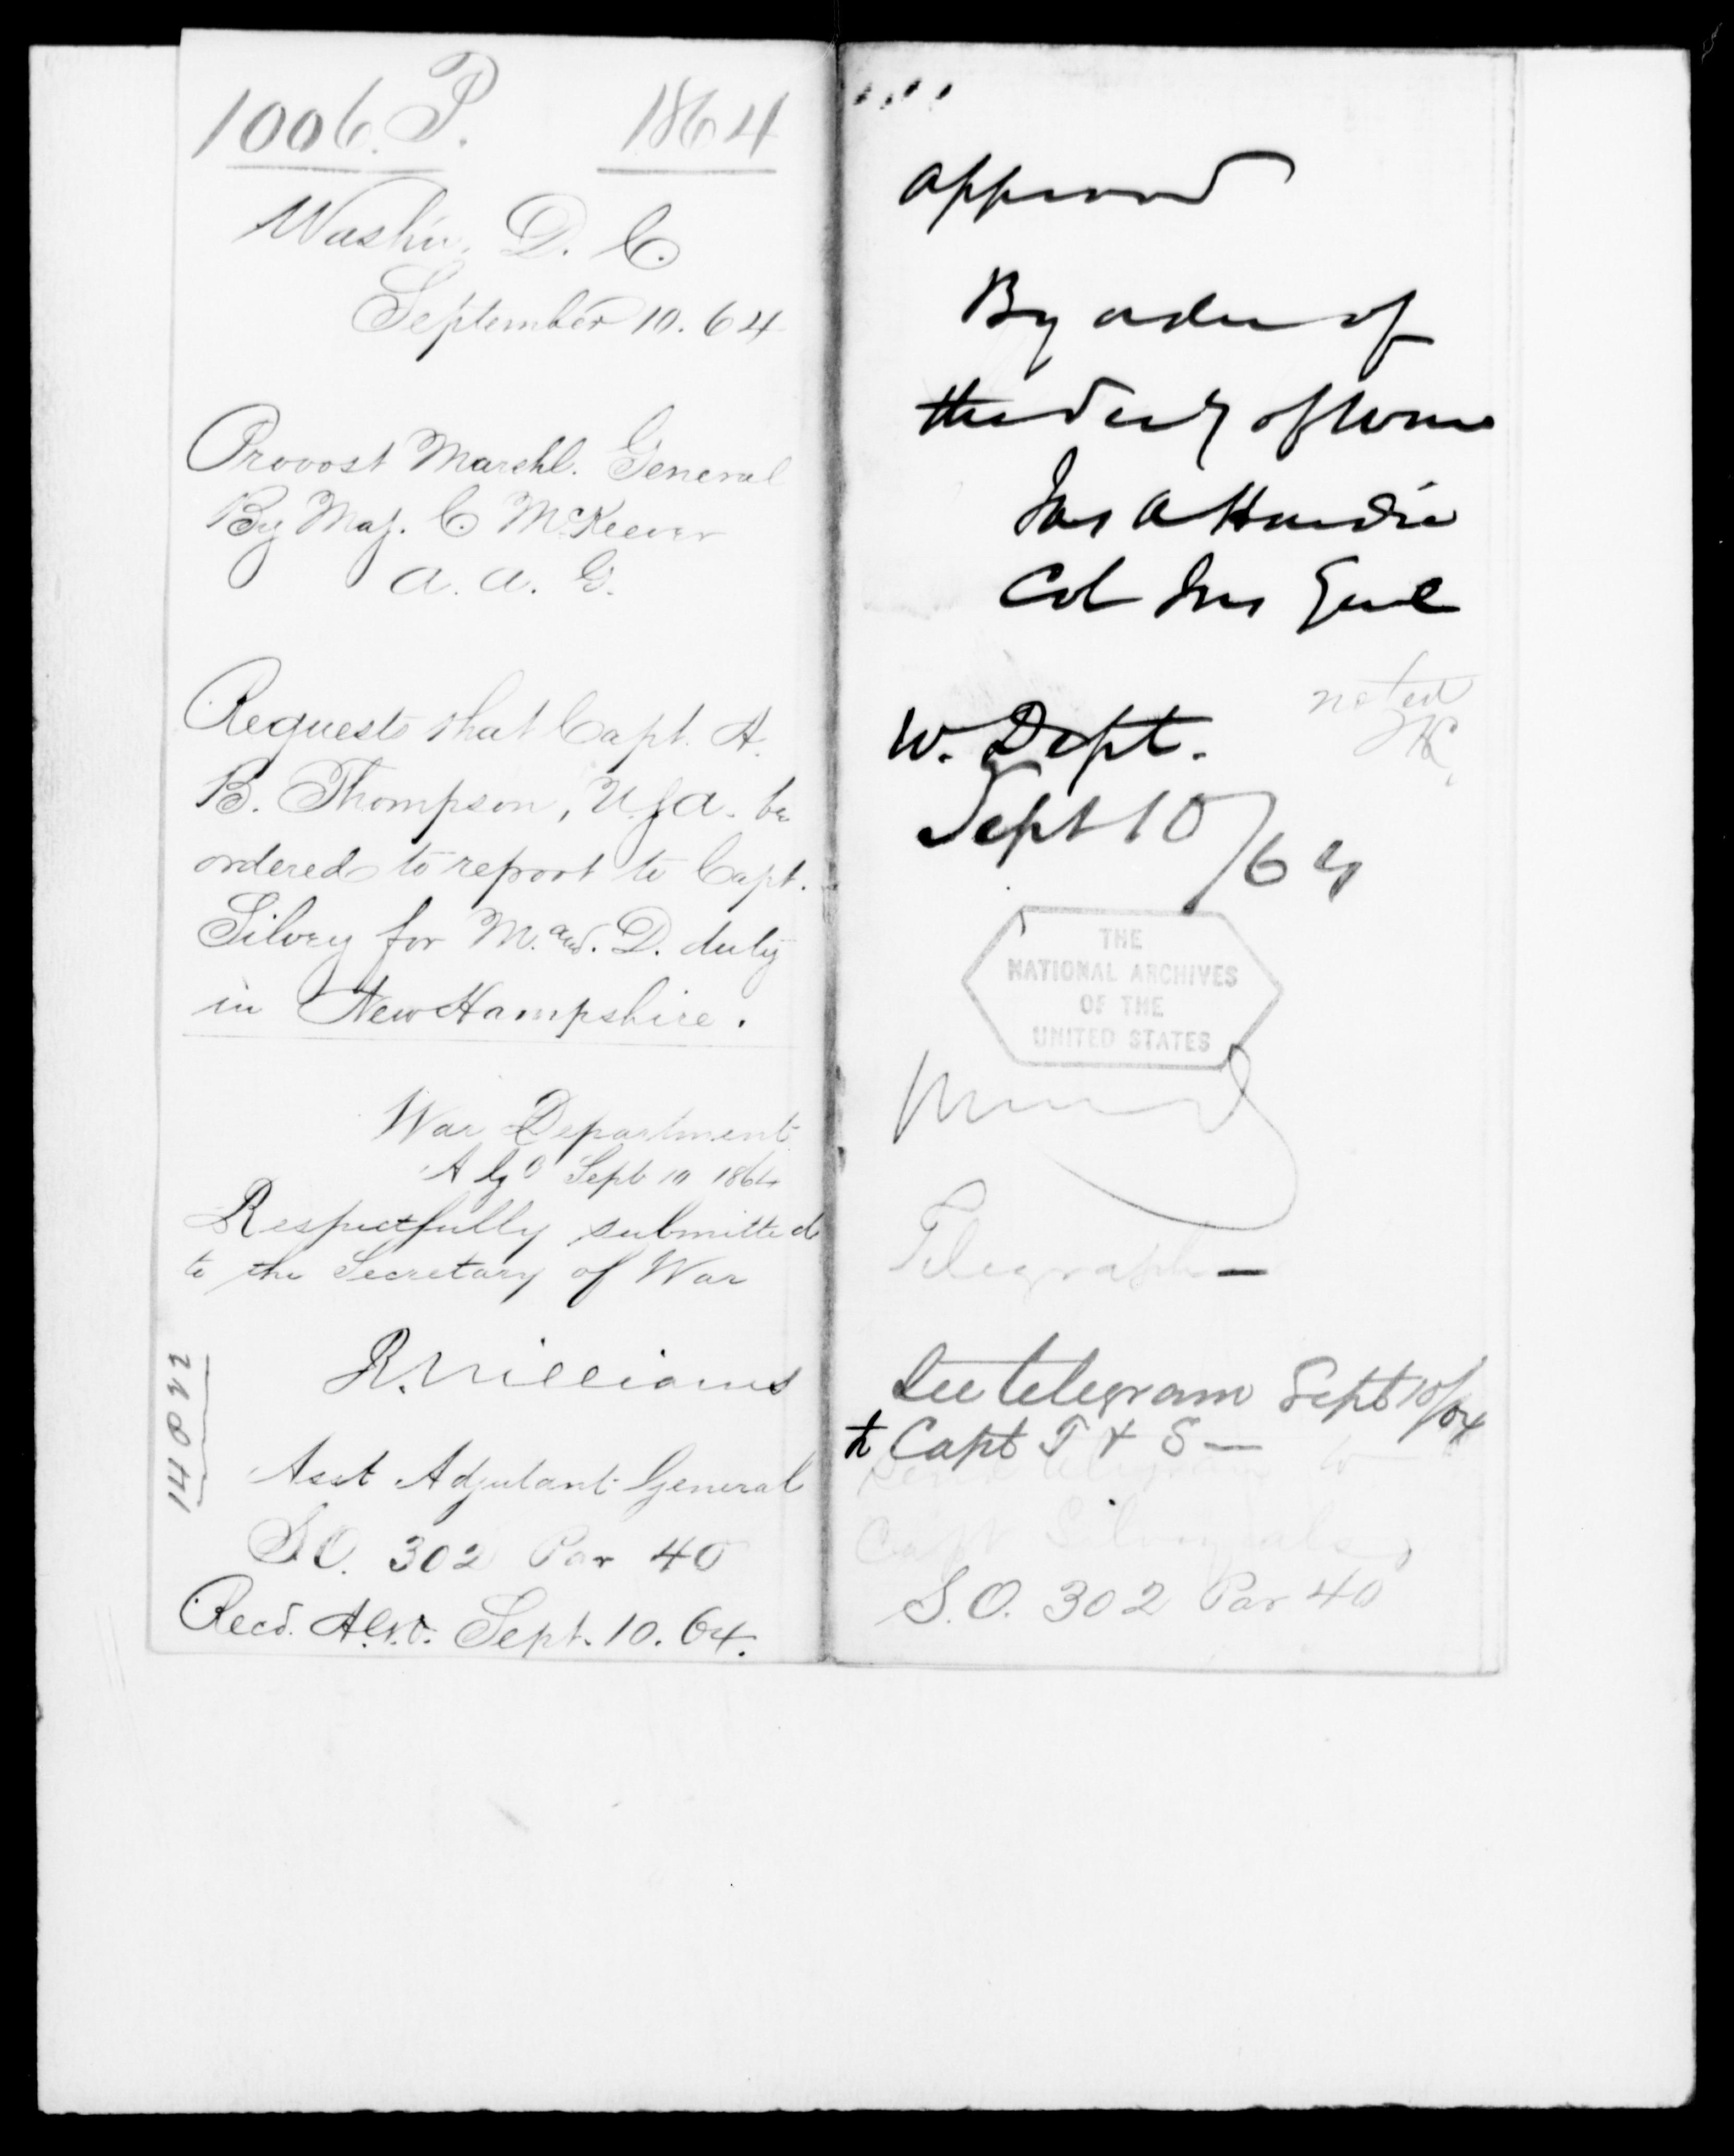 1864 - McKeever, C - File No. P1006